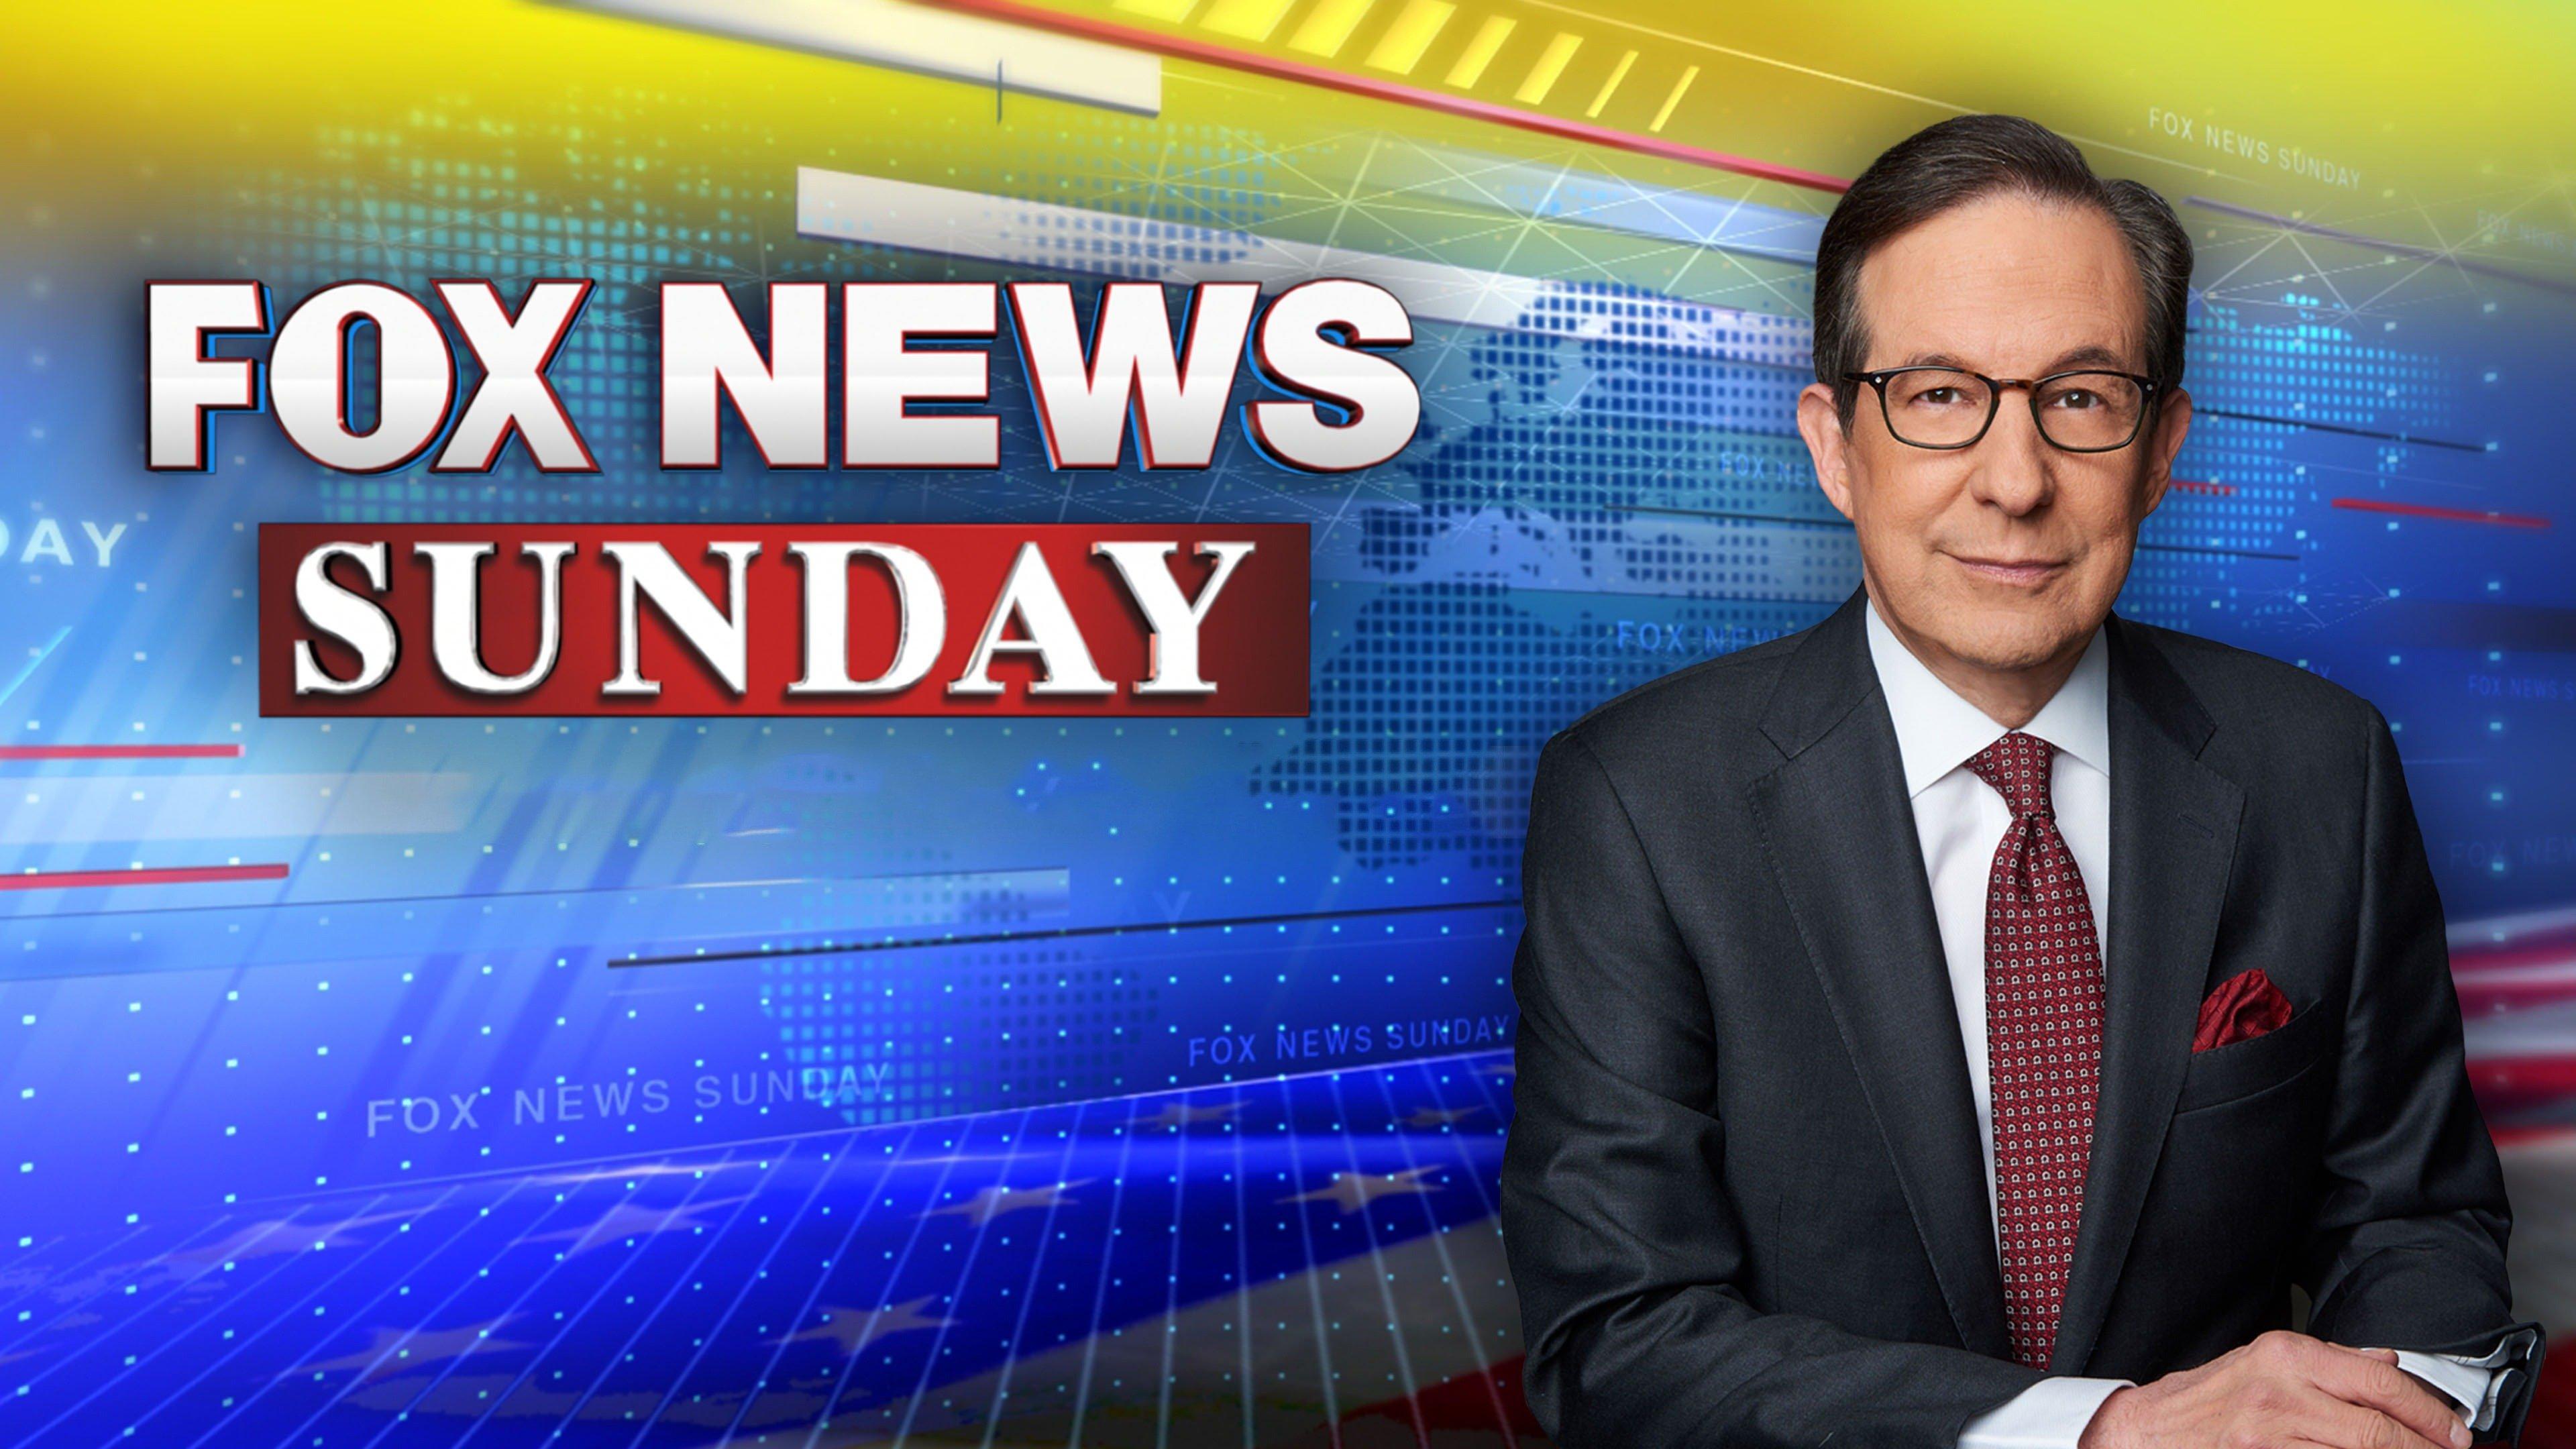 Fox News Sunday - Fox News